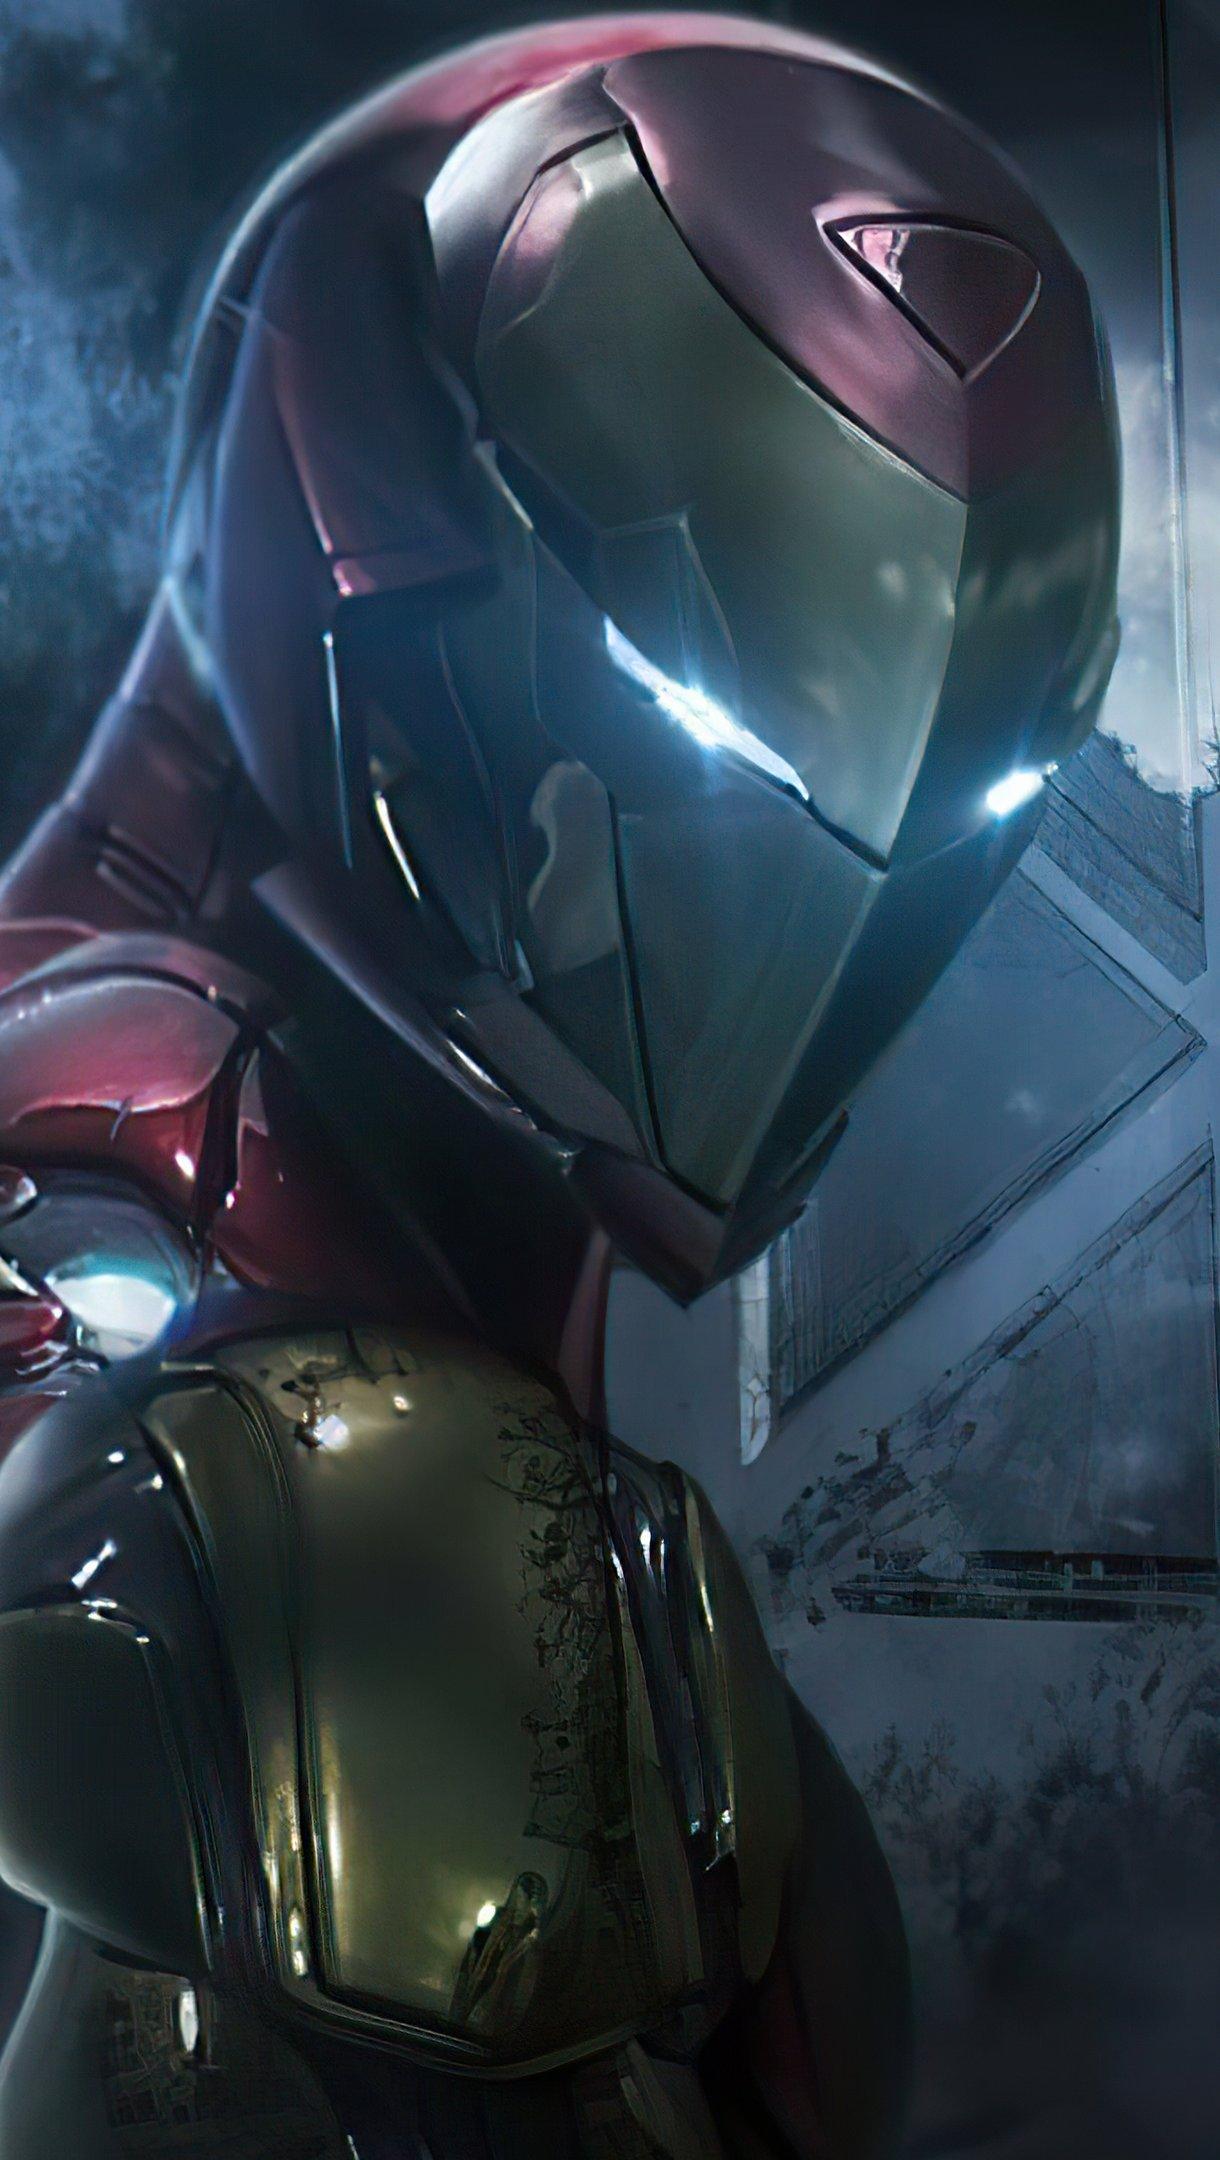 Fondos de pantalla Iron man y Spiderman Vertical